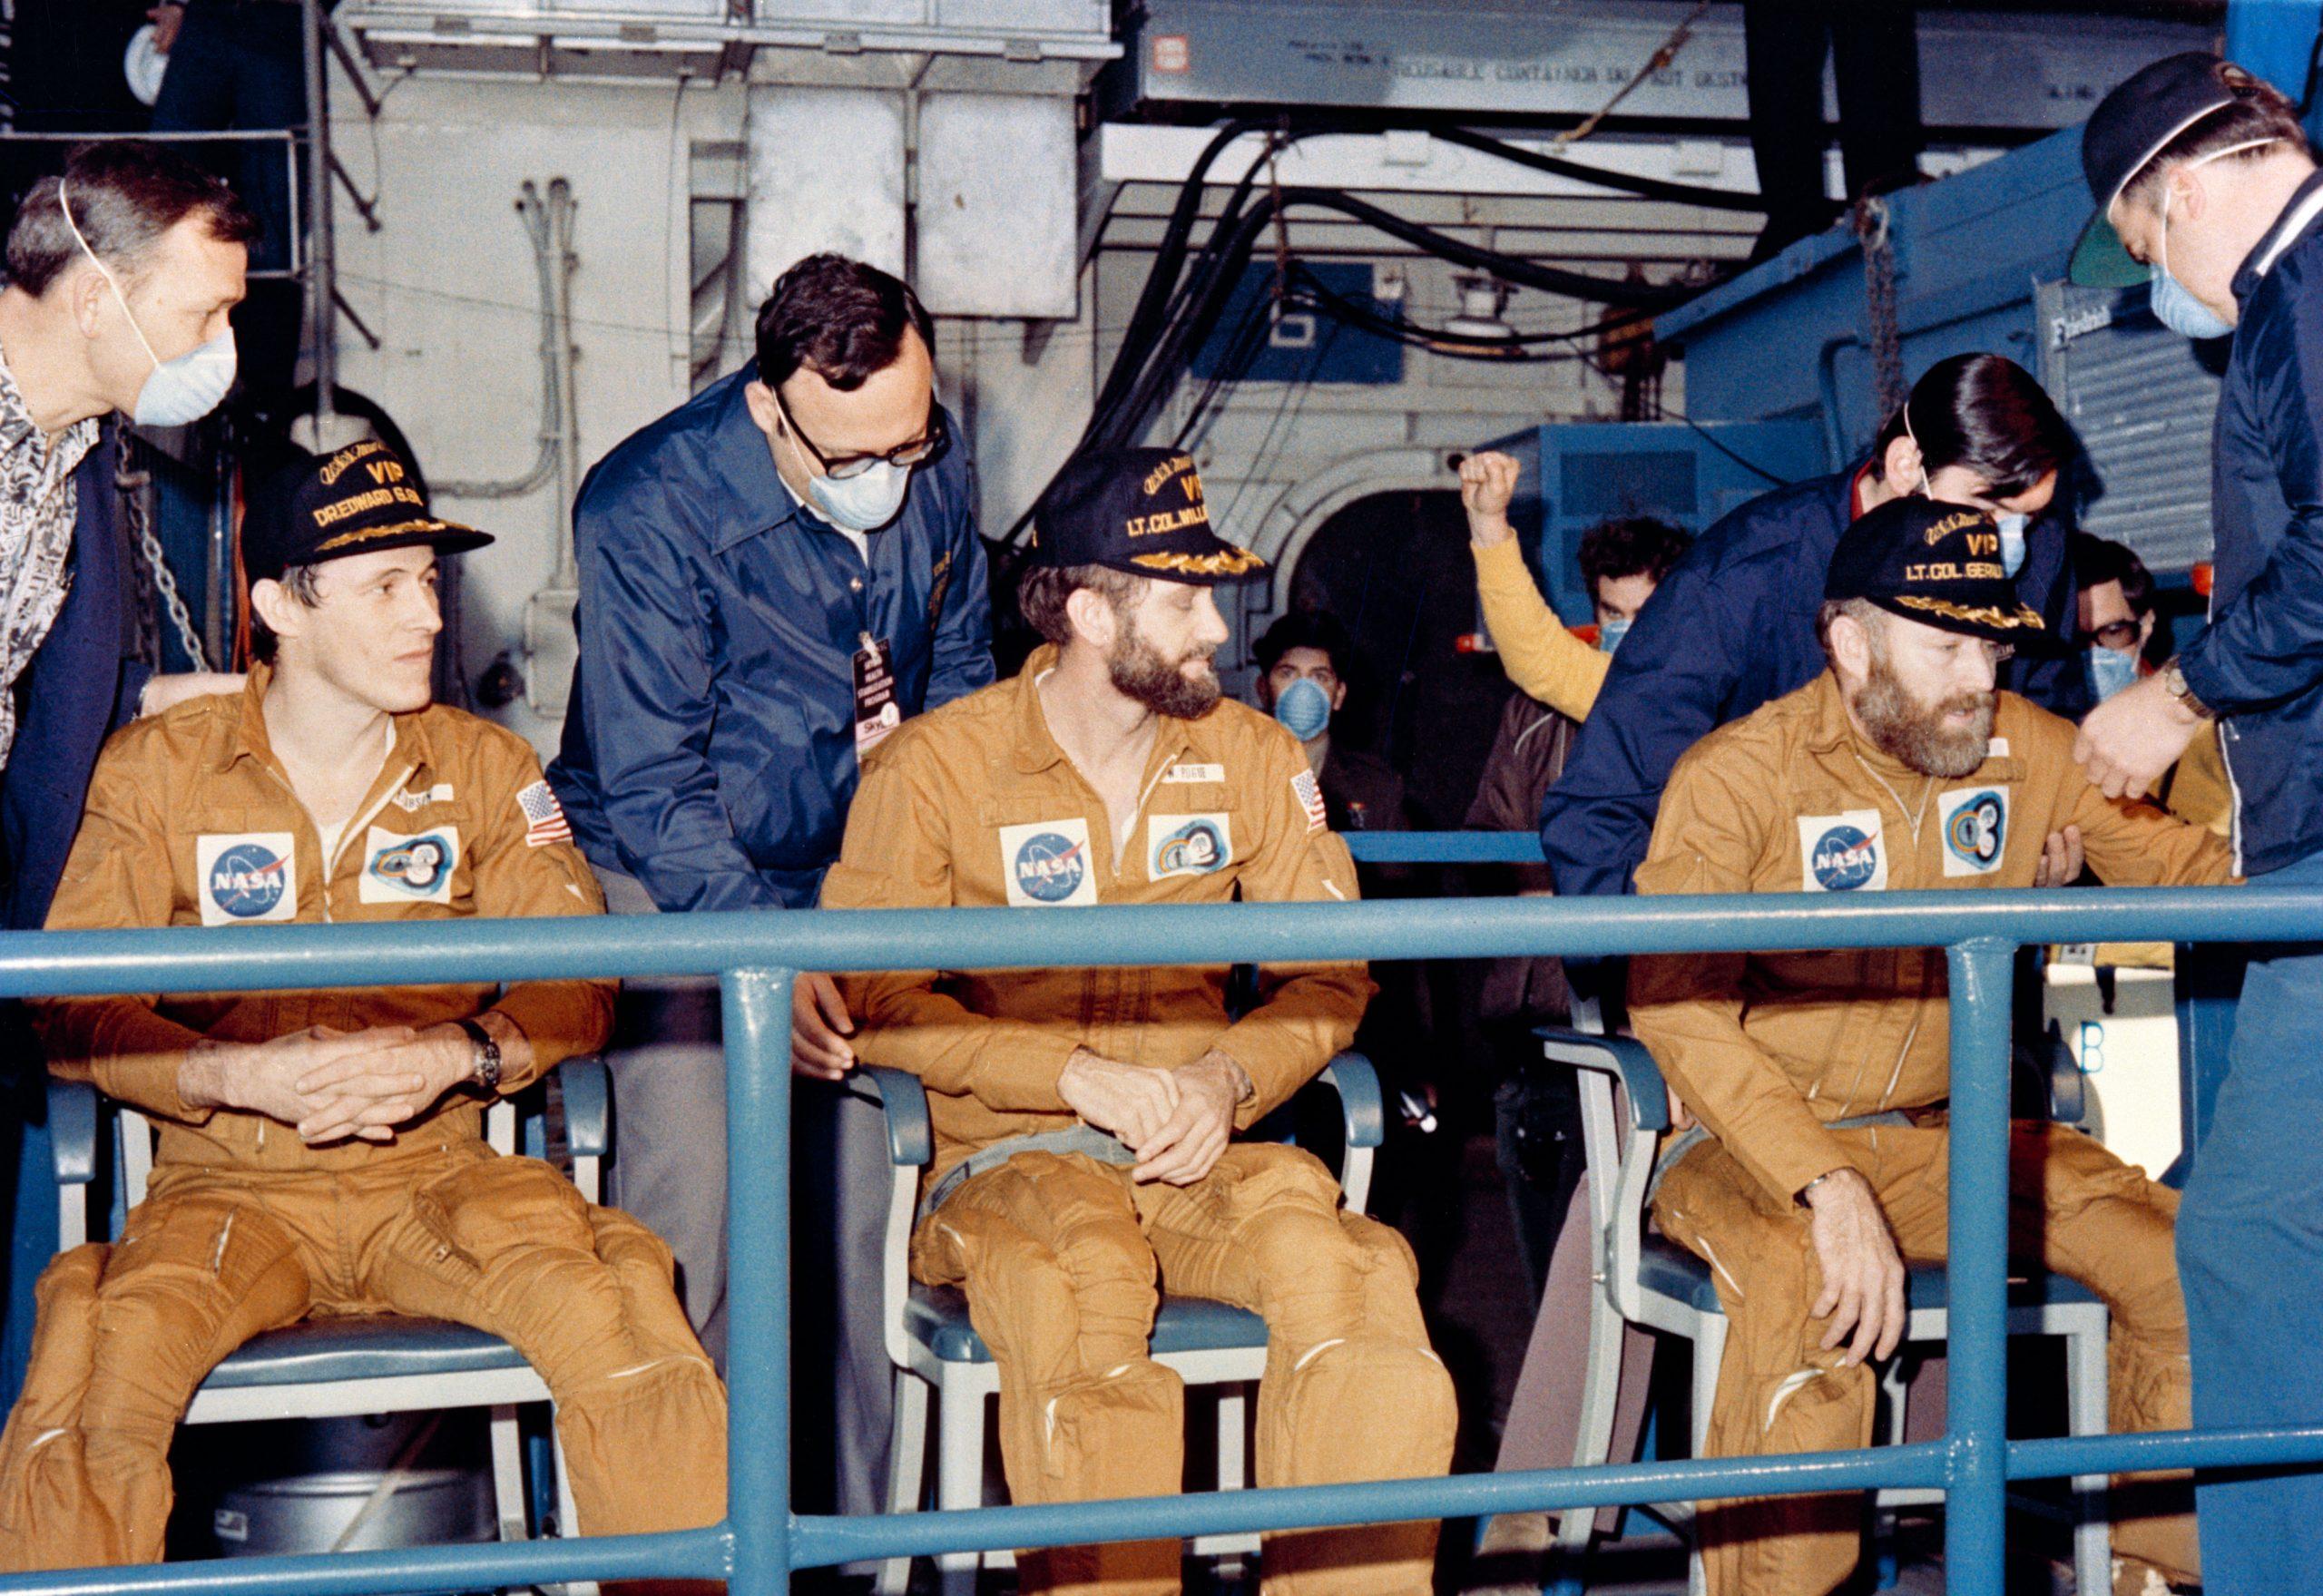 Účastníci mise Skylab 4 po přistání (a tedy po první vesmírné stávce)